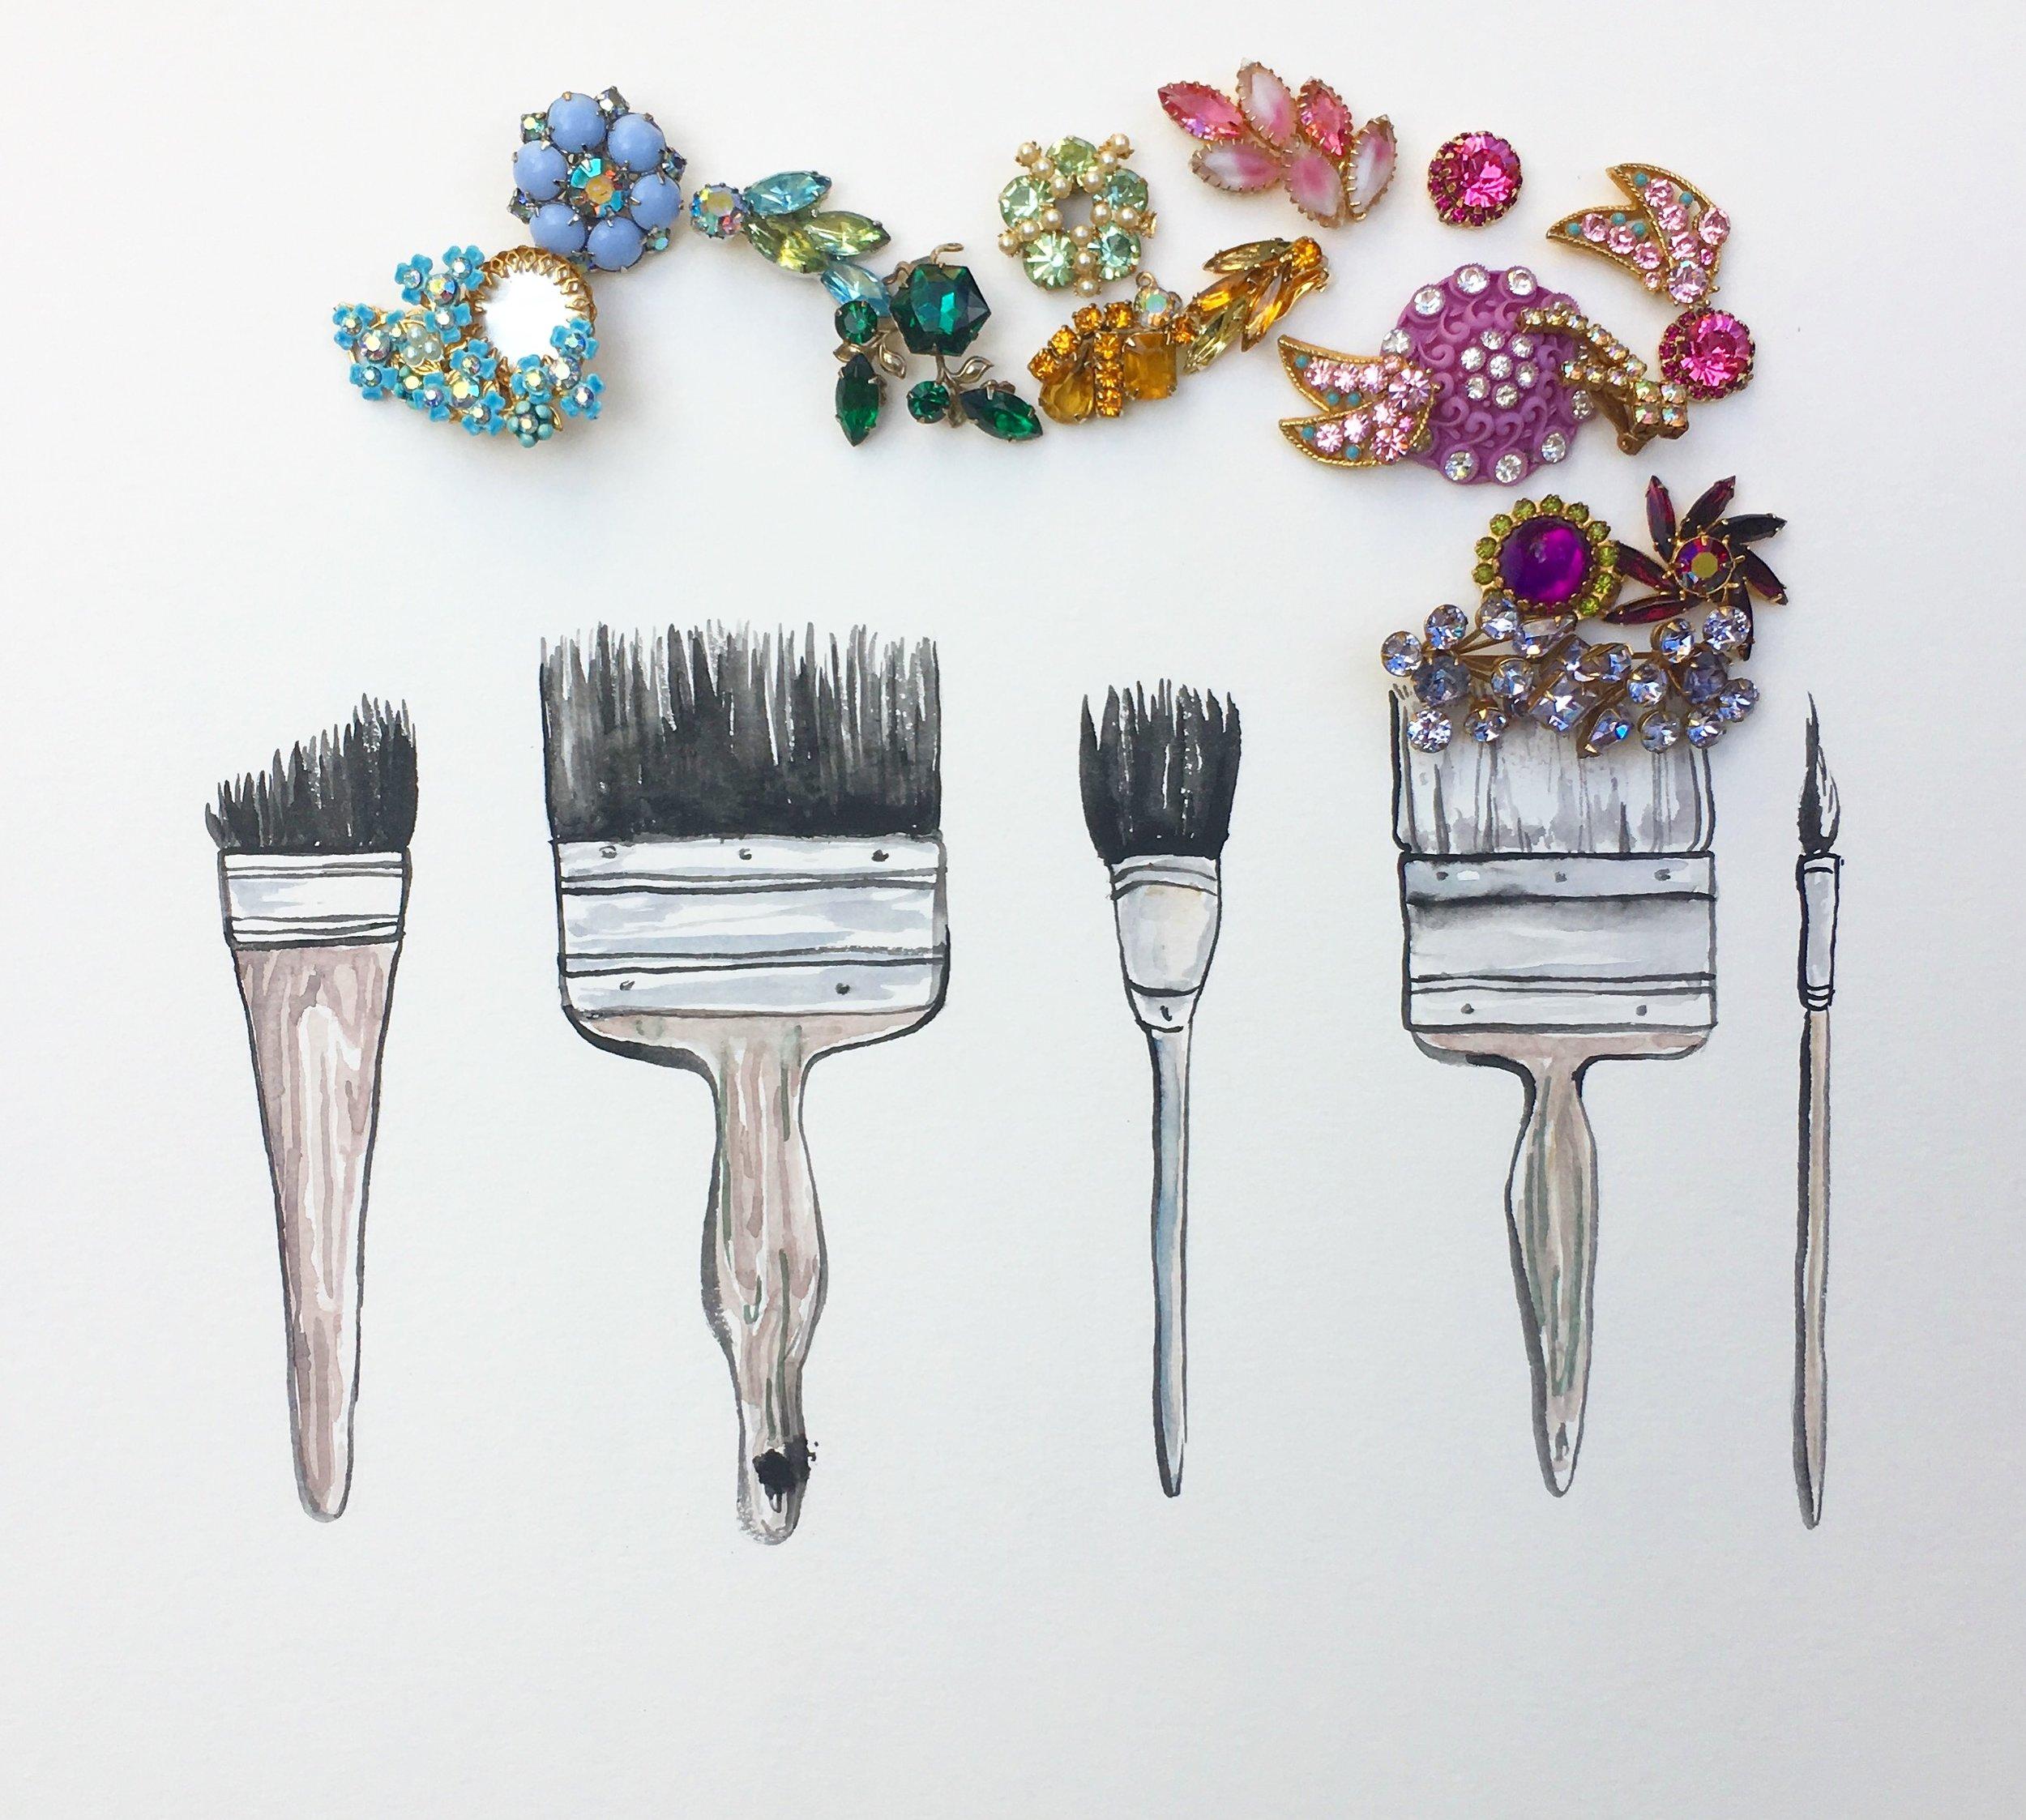 brushes_ChristineHilbert.JPG